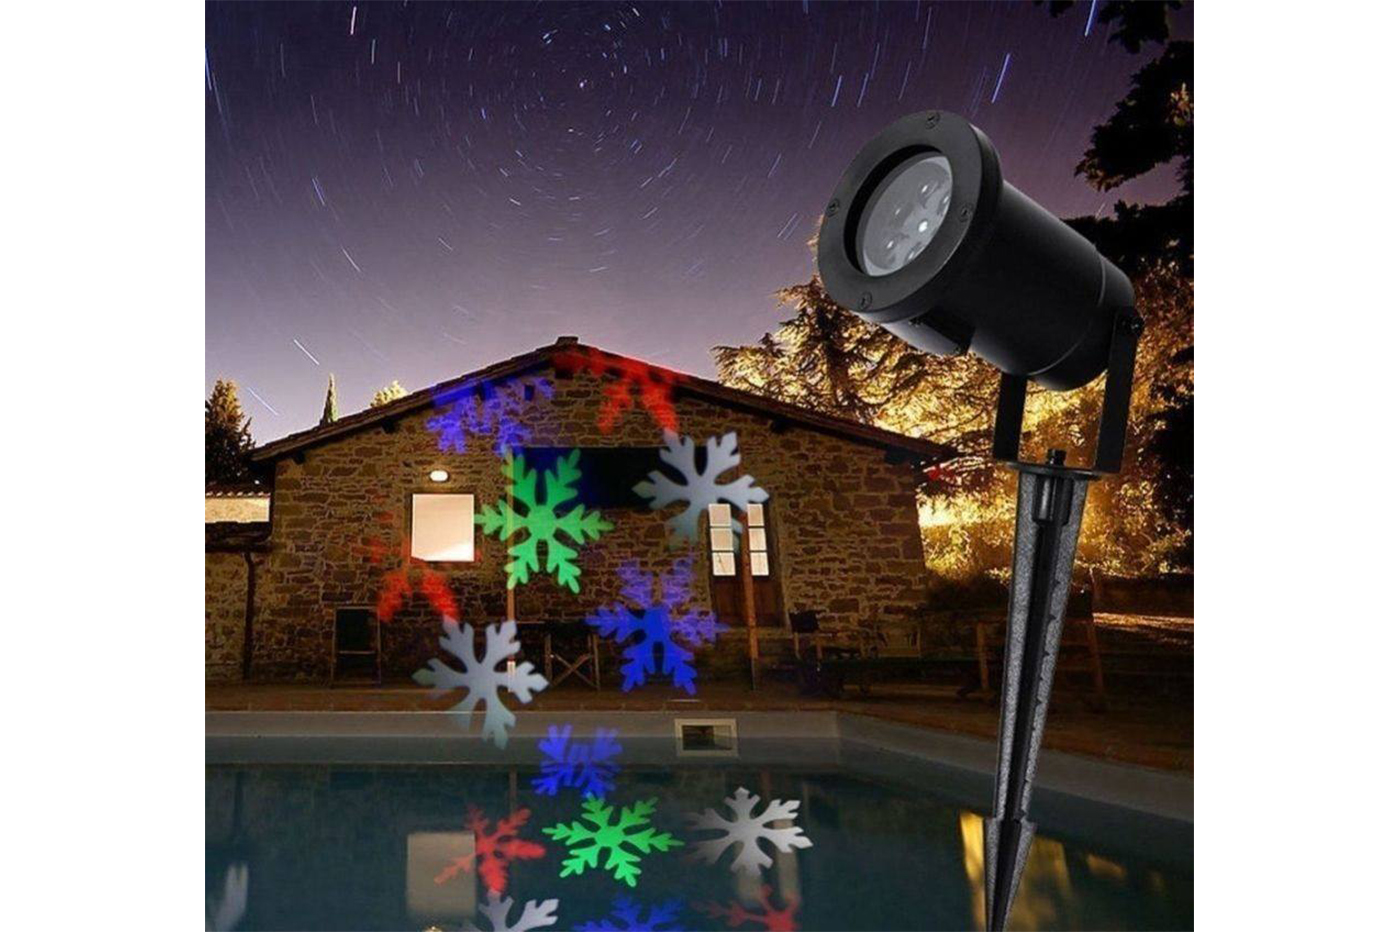 Proiettore Luci Natale Giardino.Faretto Led Picchetto Proiettore Luci Natale Fantasia 6 In 1 Giardino Ap9005